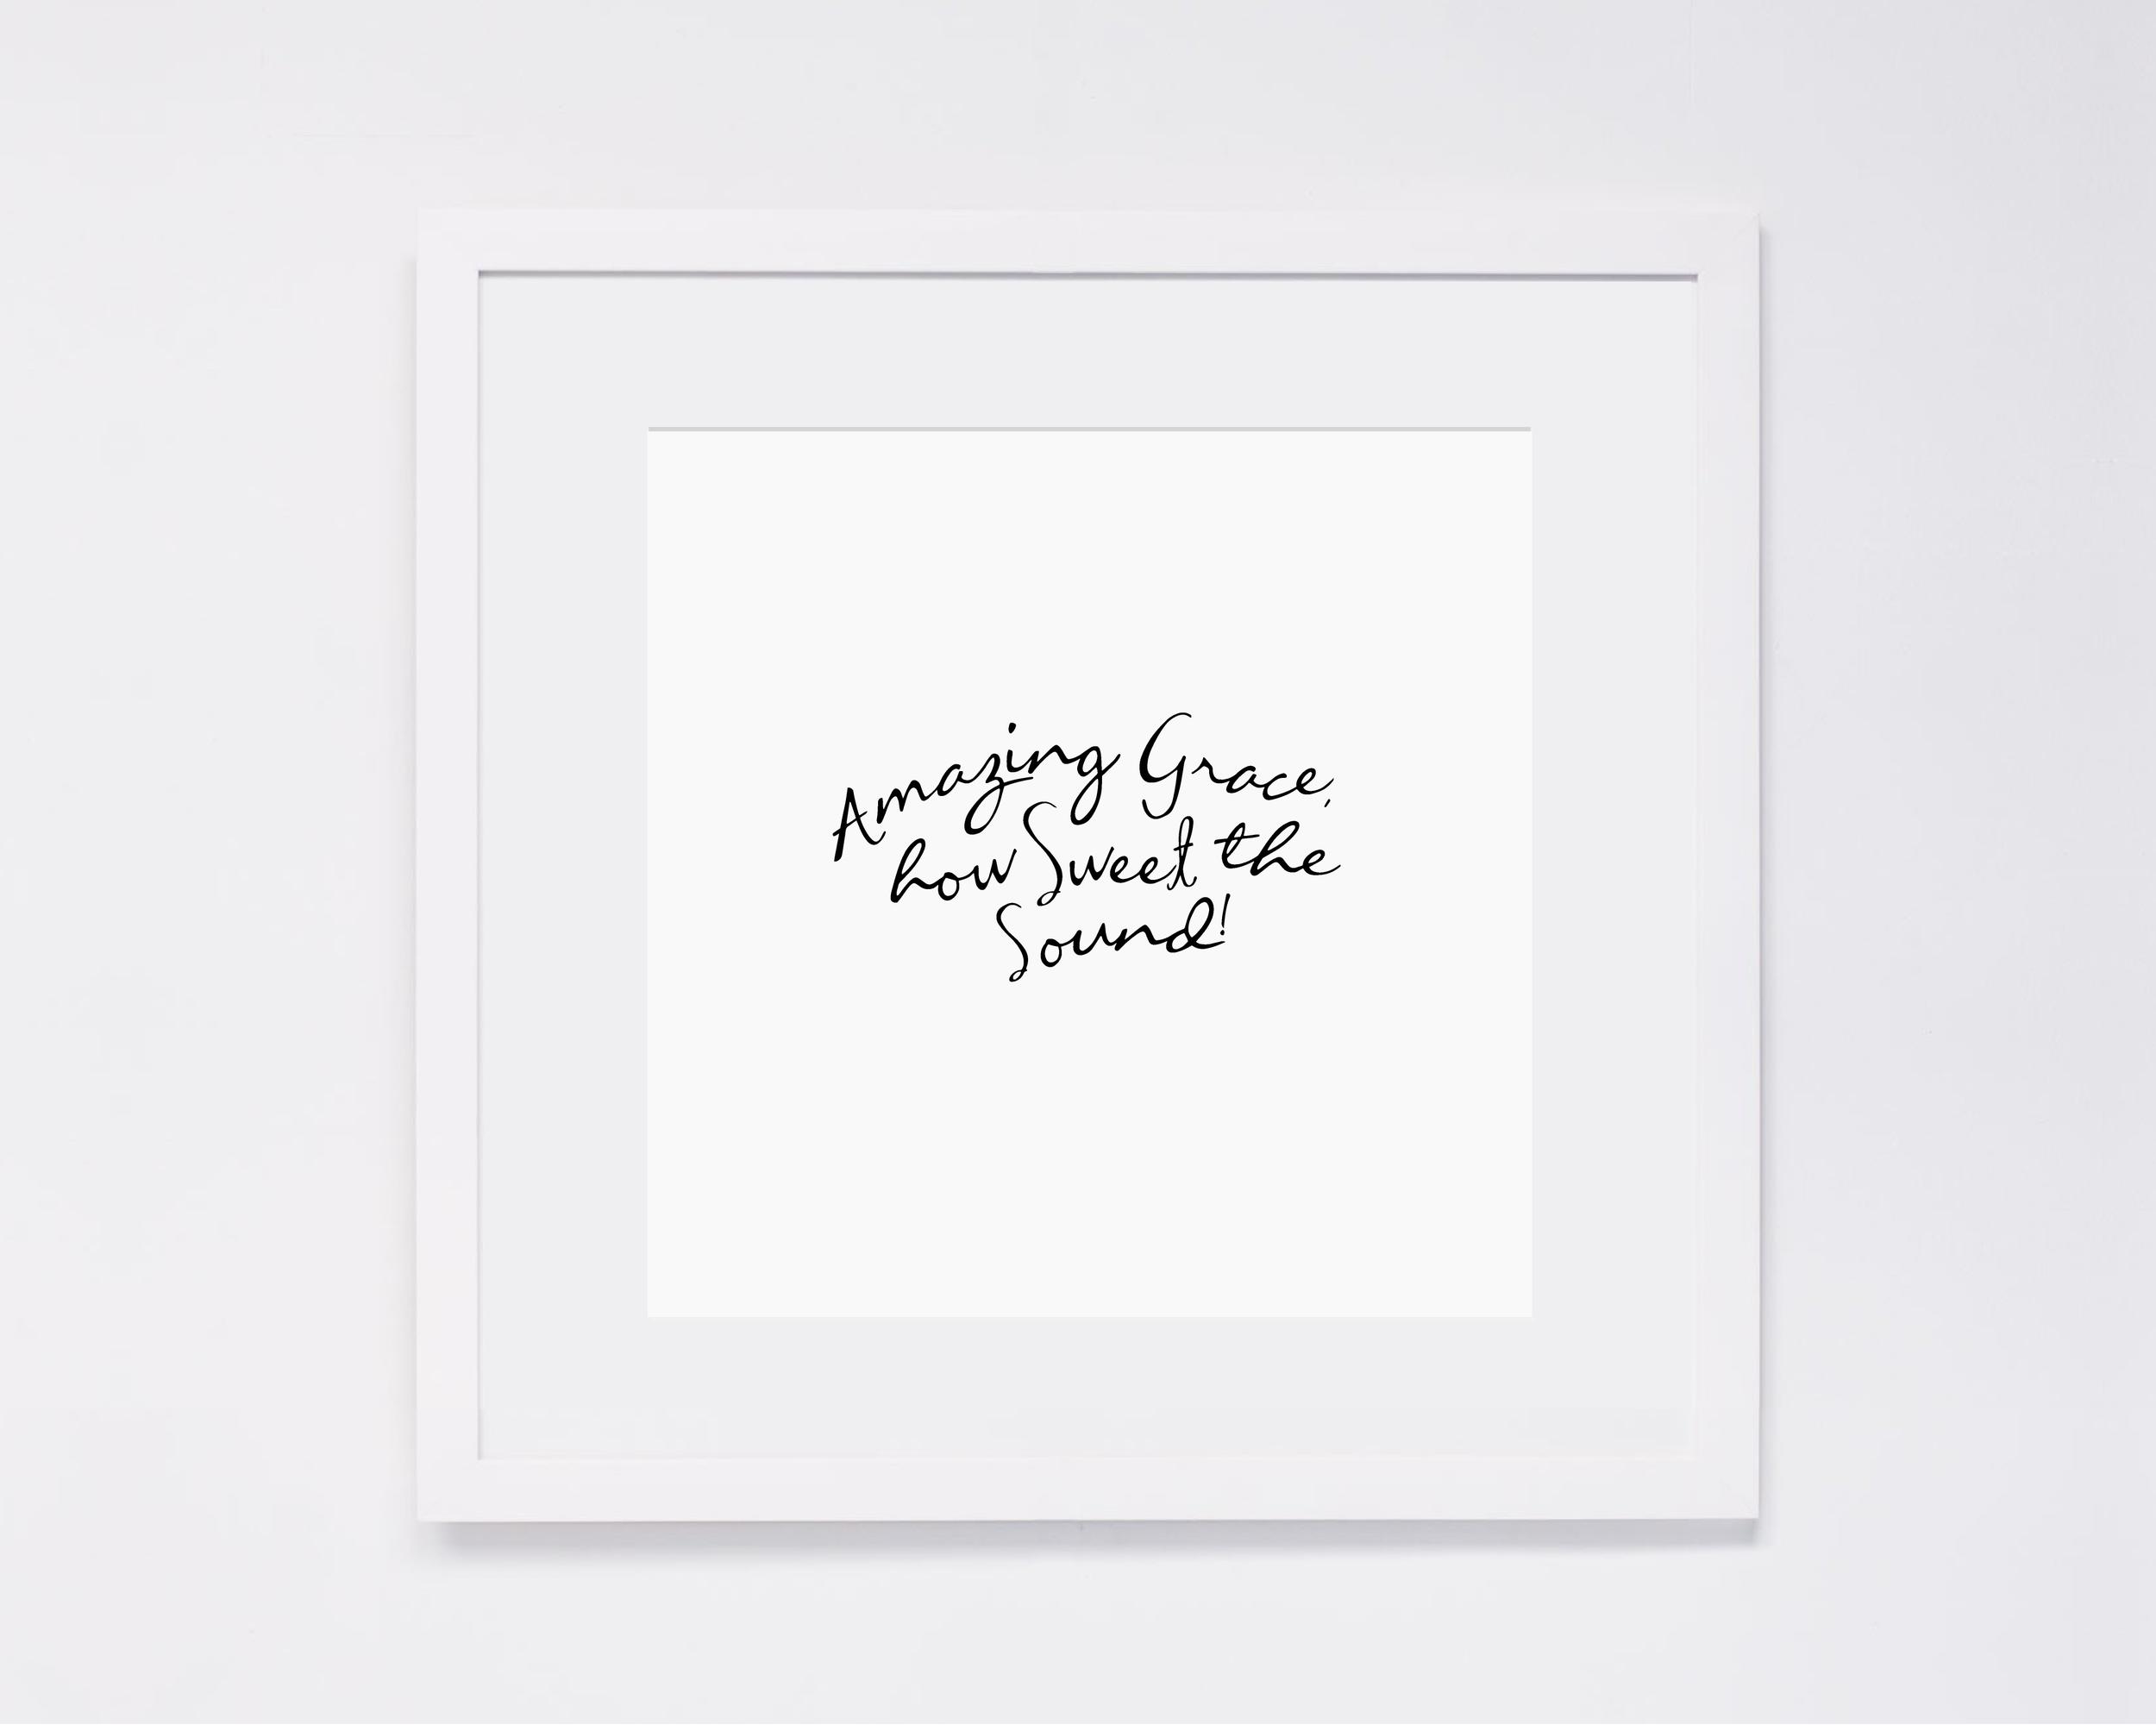 Ashley Danyew | Doxology Press - Amazing Grace